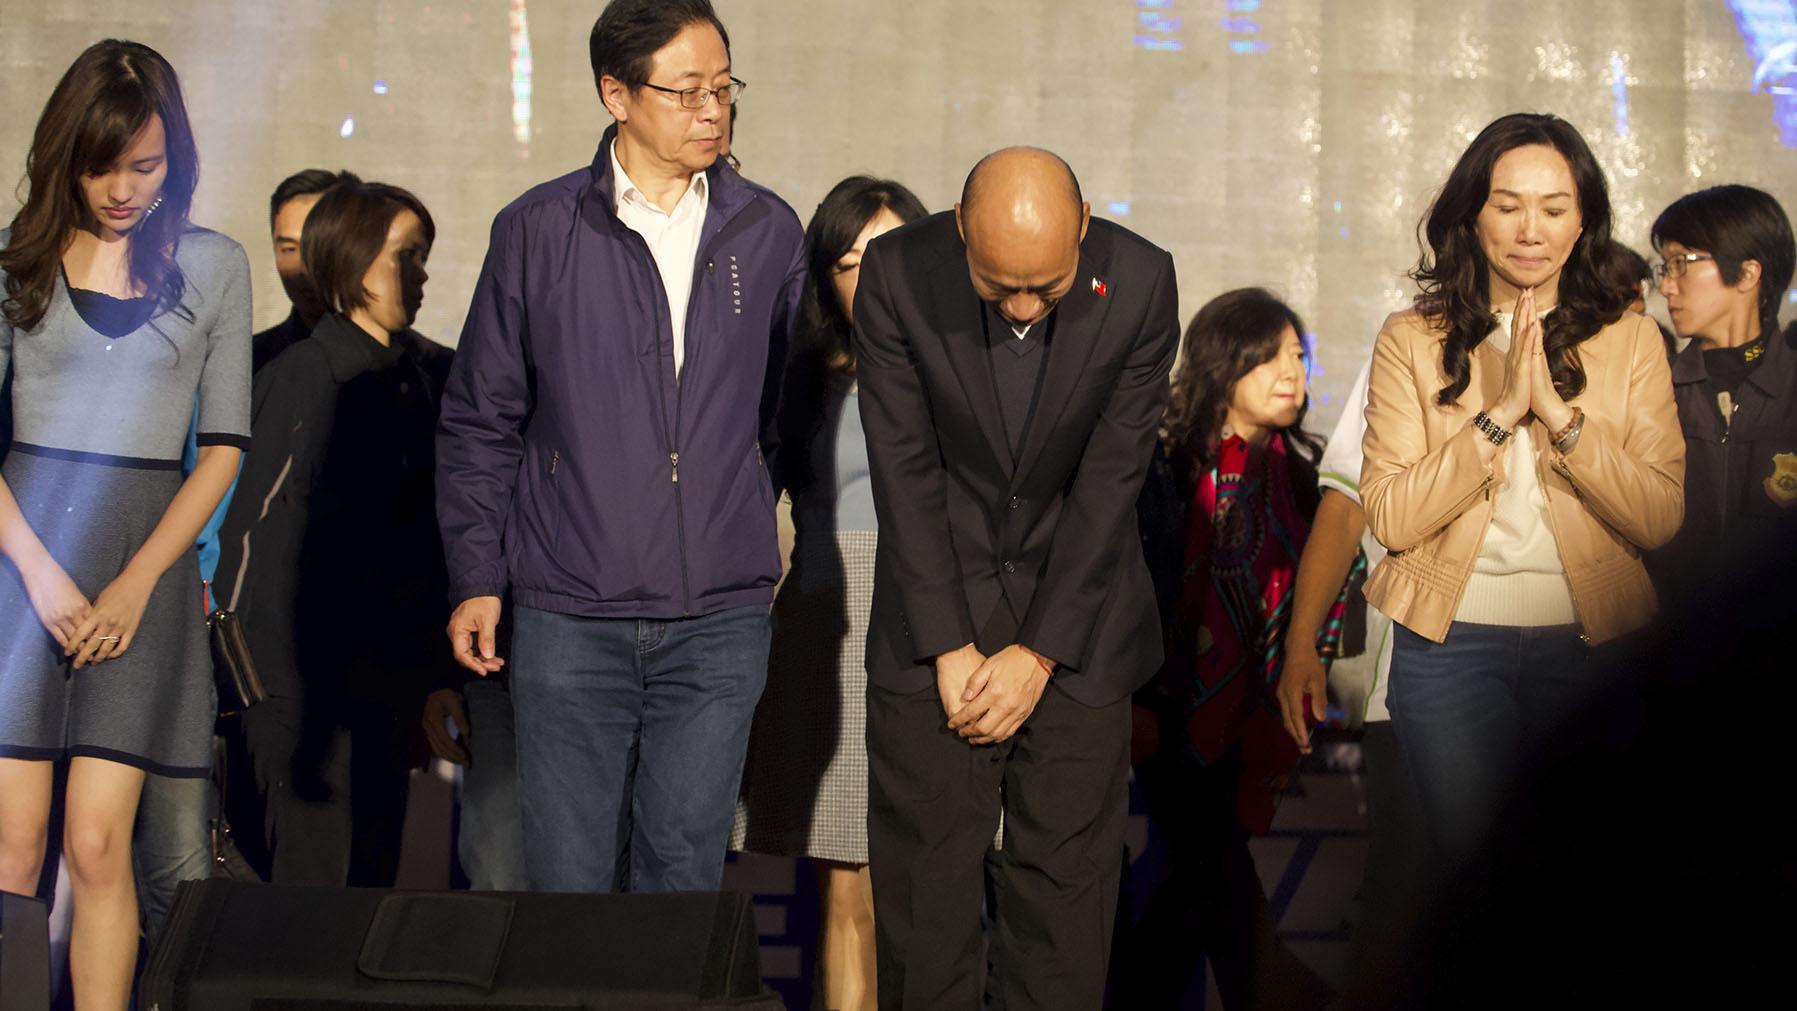 台湾总统选举人韩国瑜在选举失败后向支持者鞠躬道歉。(美联社)